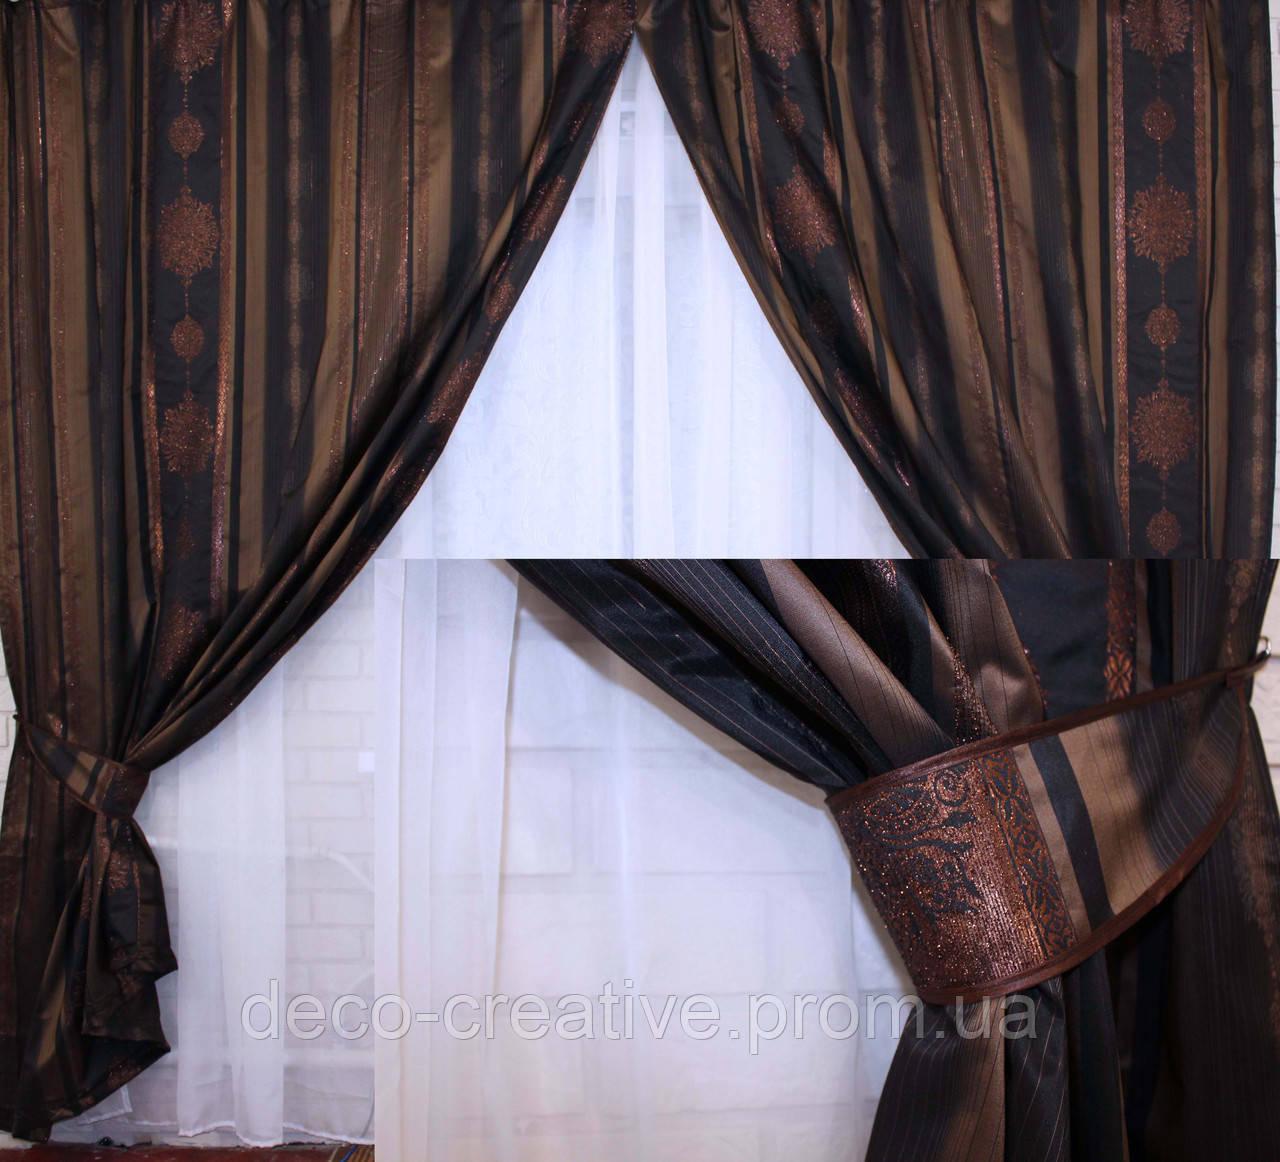 Комплект готовых штор из плотной портьерной ткани 032ш